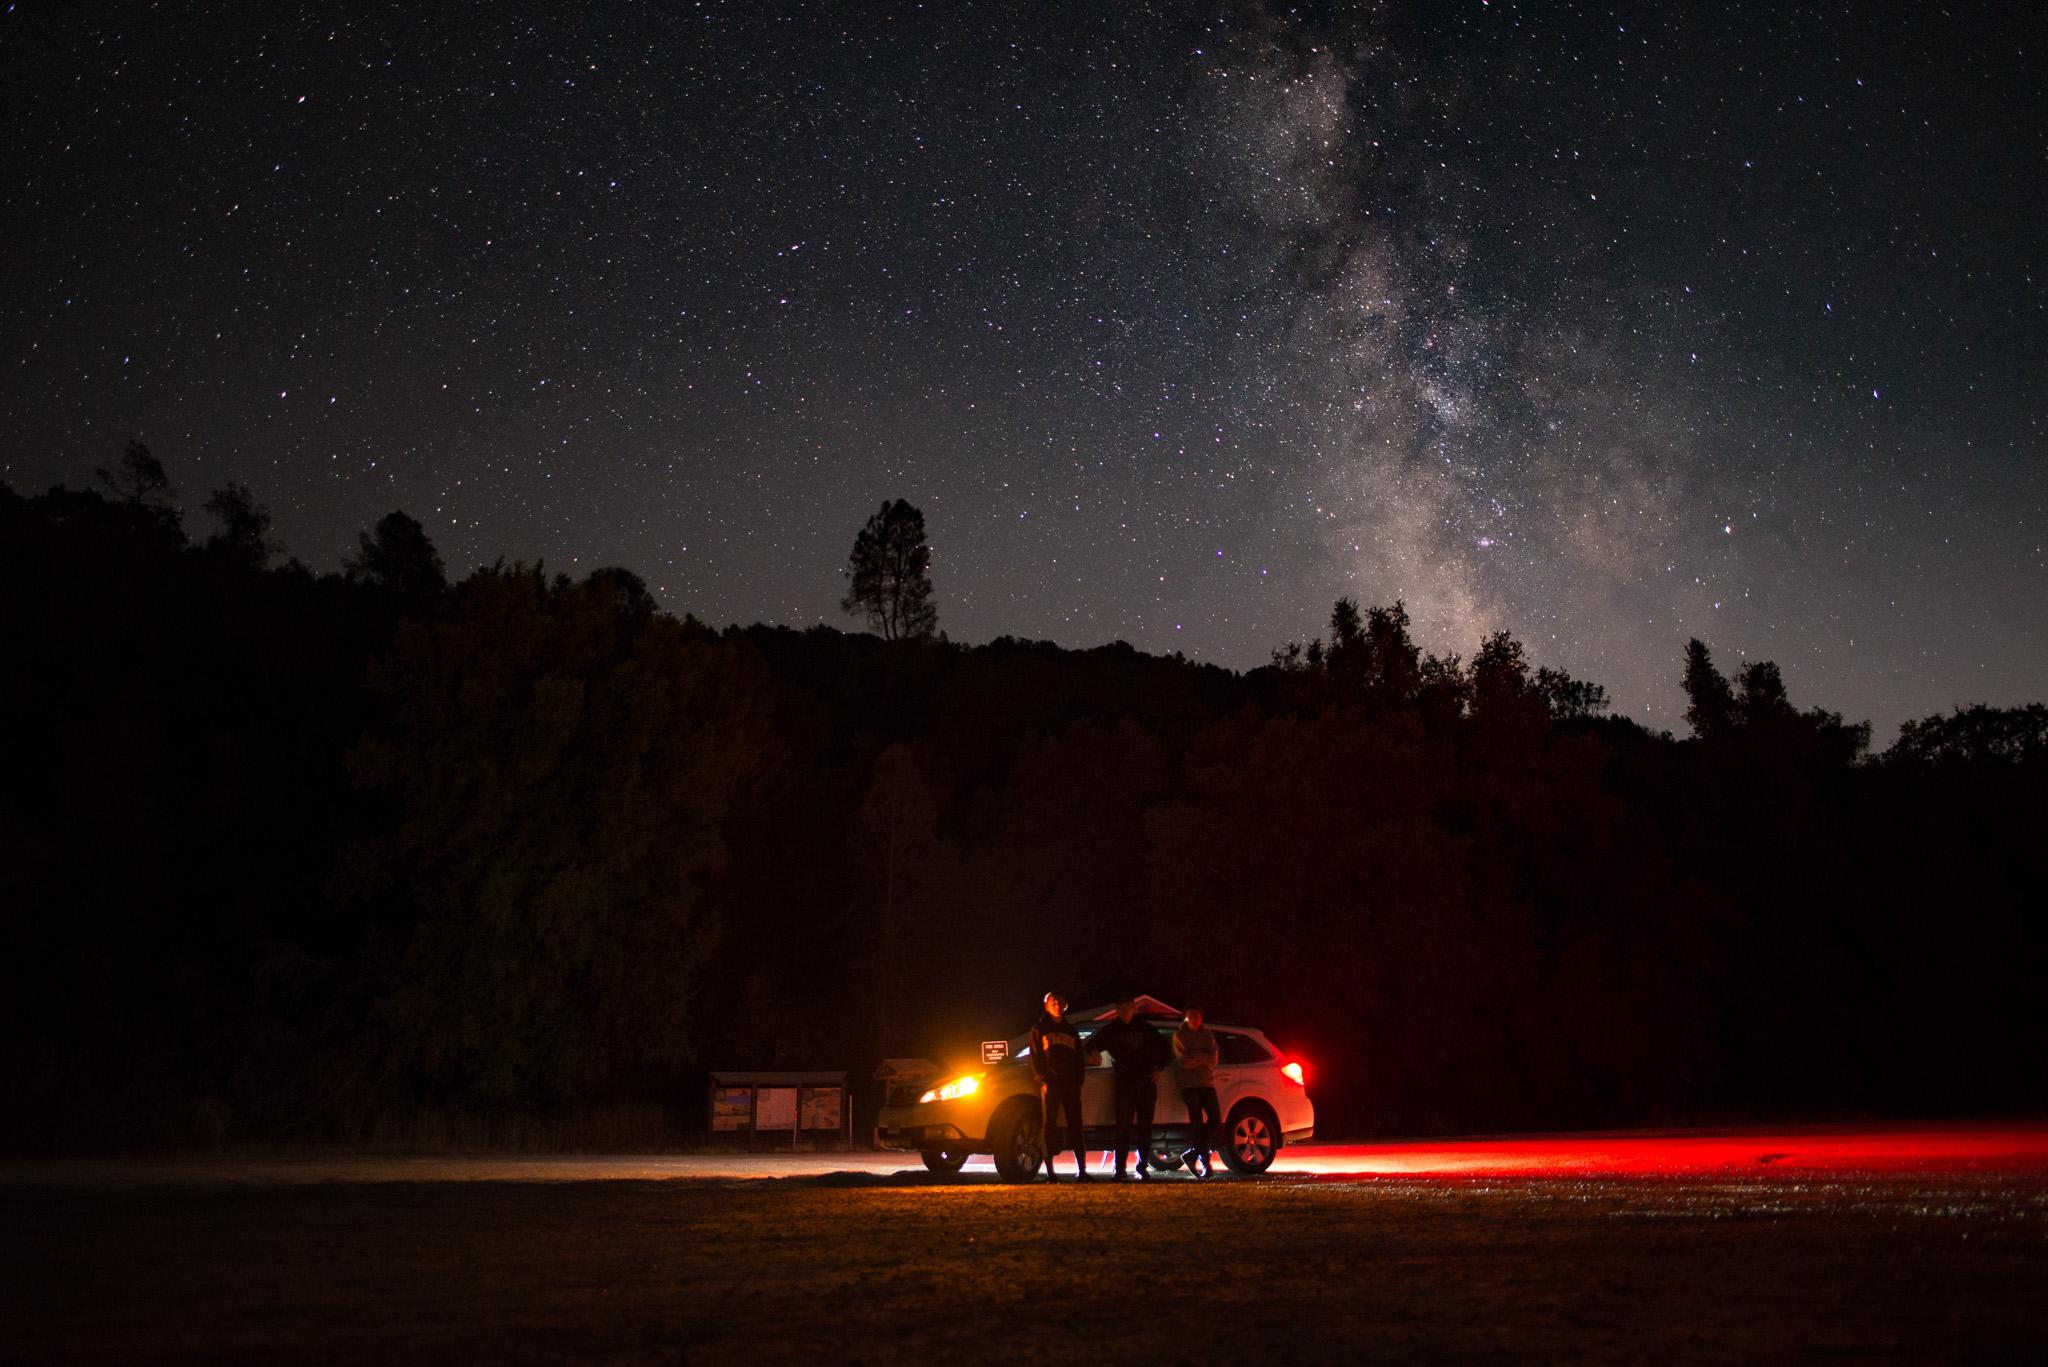 The Milky Way Crew